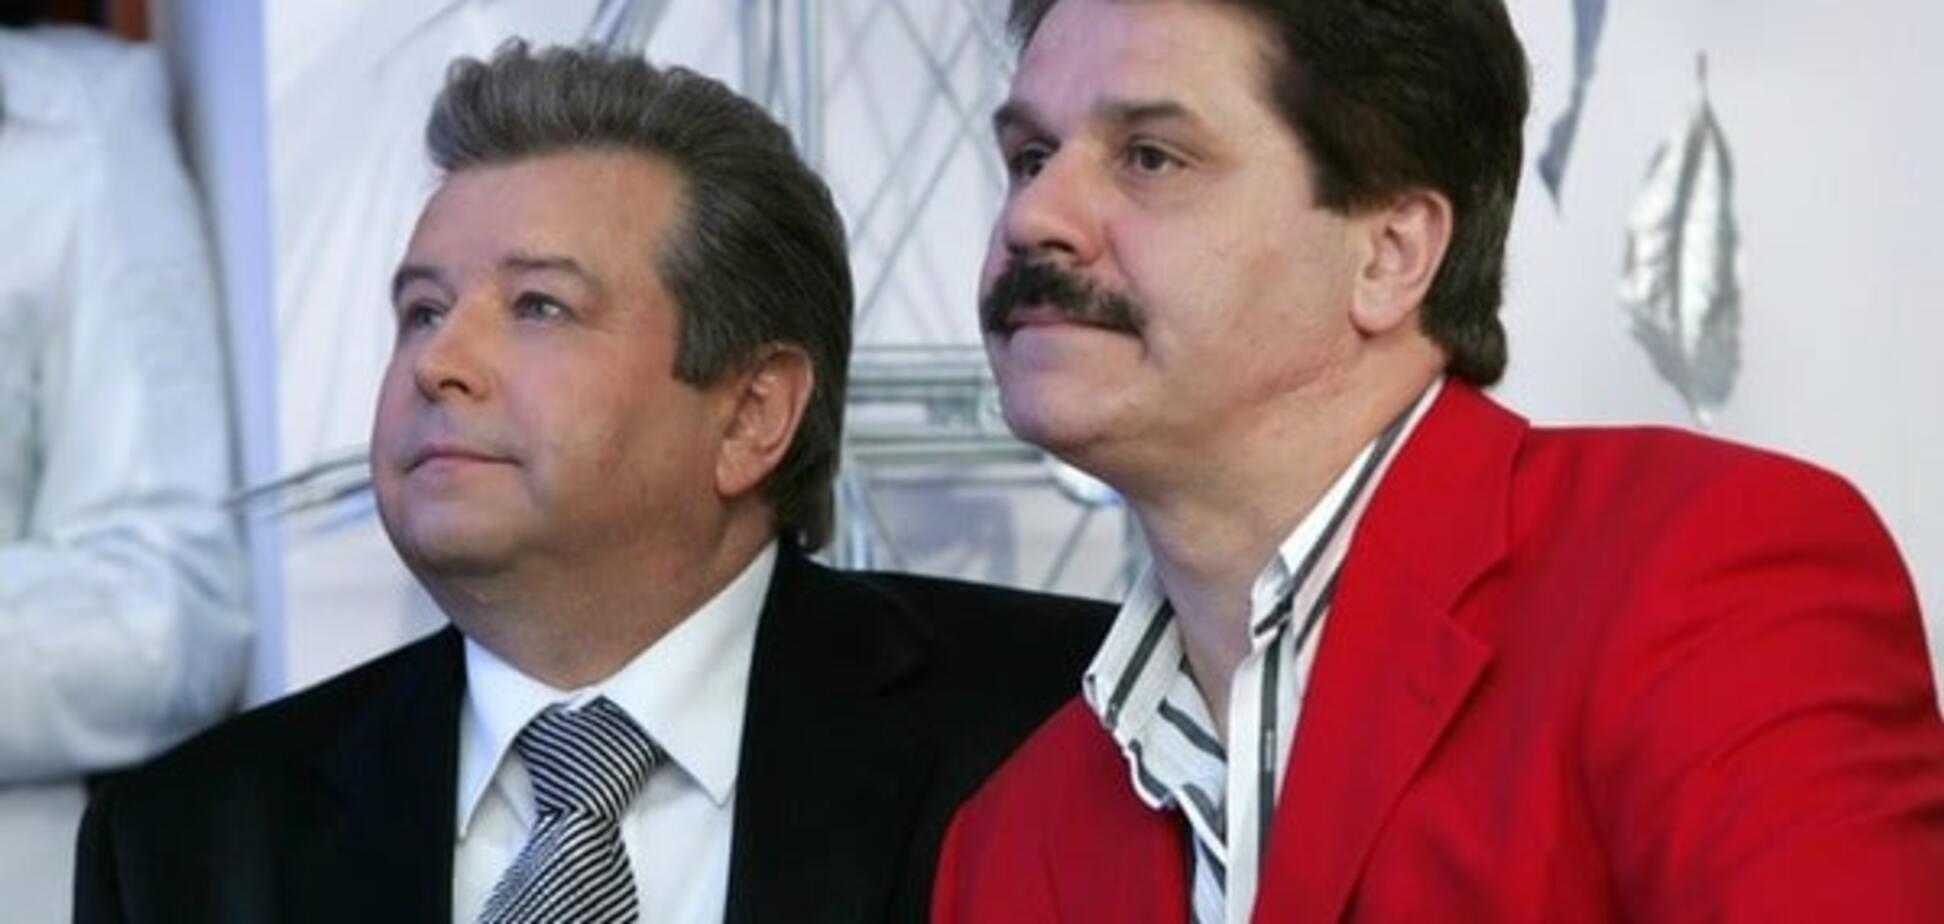 Зибров опозорился на сцене шоу 'Голос країни'